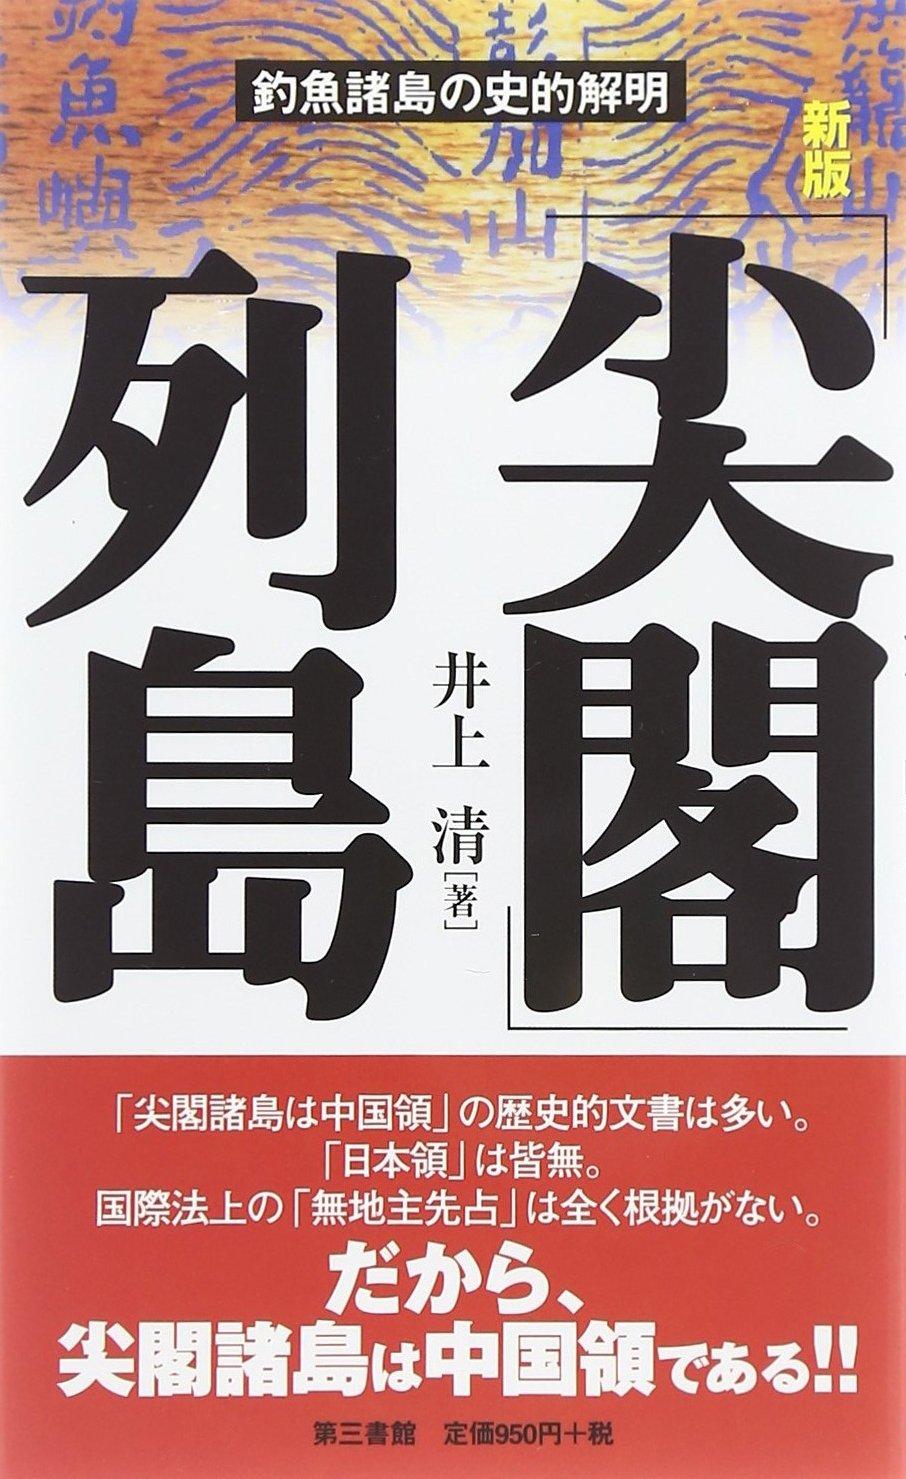 新版「尖閣」列島   清, 井上  本   通販   Amazon